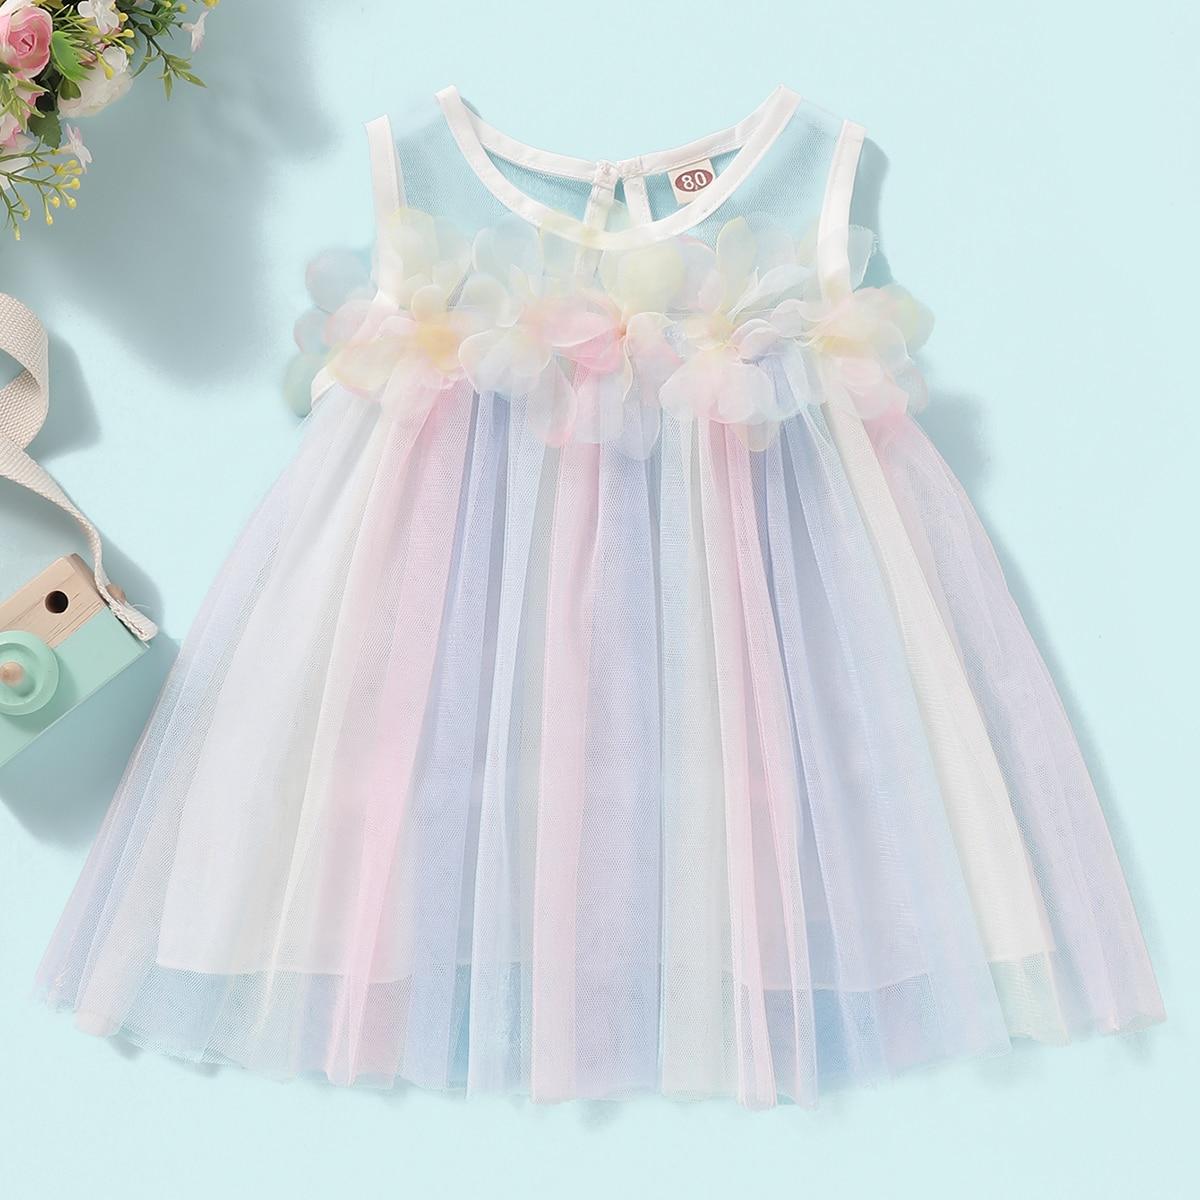 Сетчатое платье с застежкой сзади, пуговицами и аппликацией для девочек от SHEIN